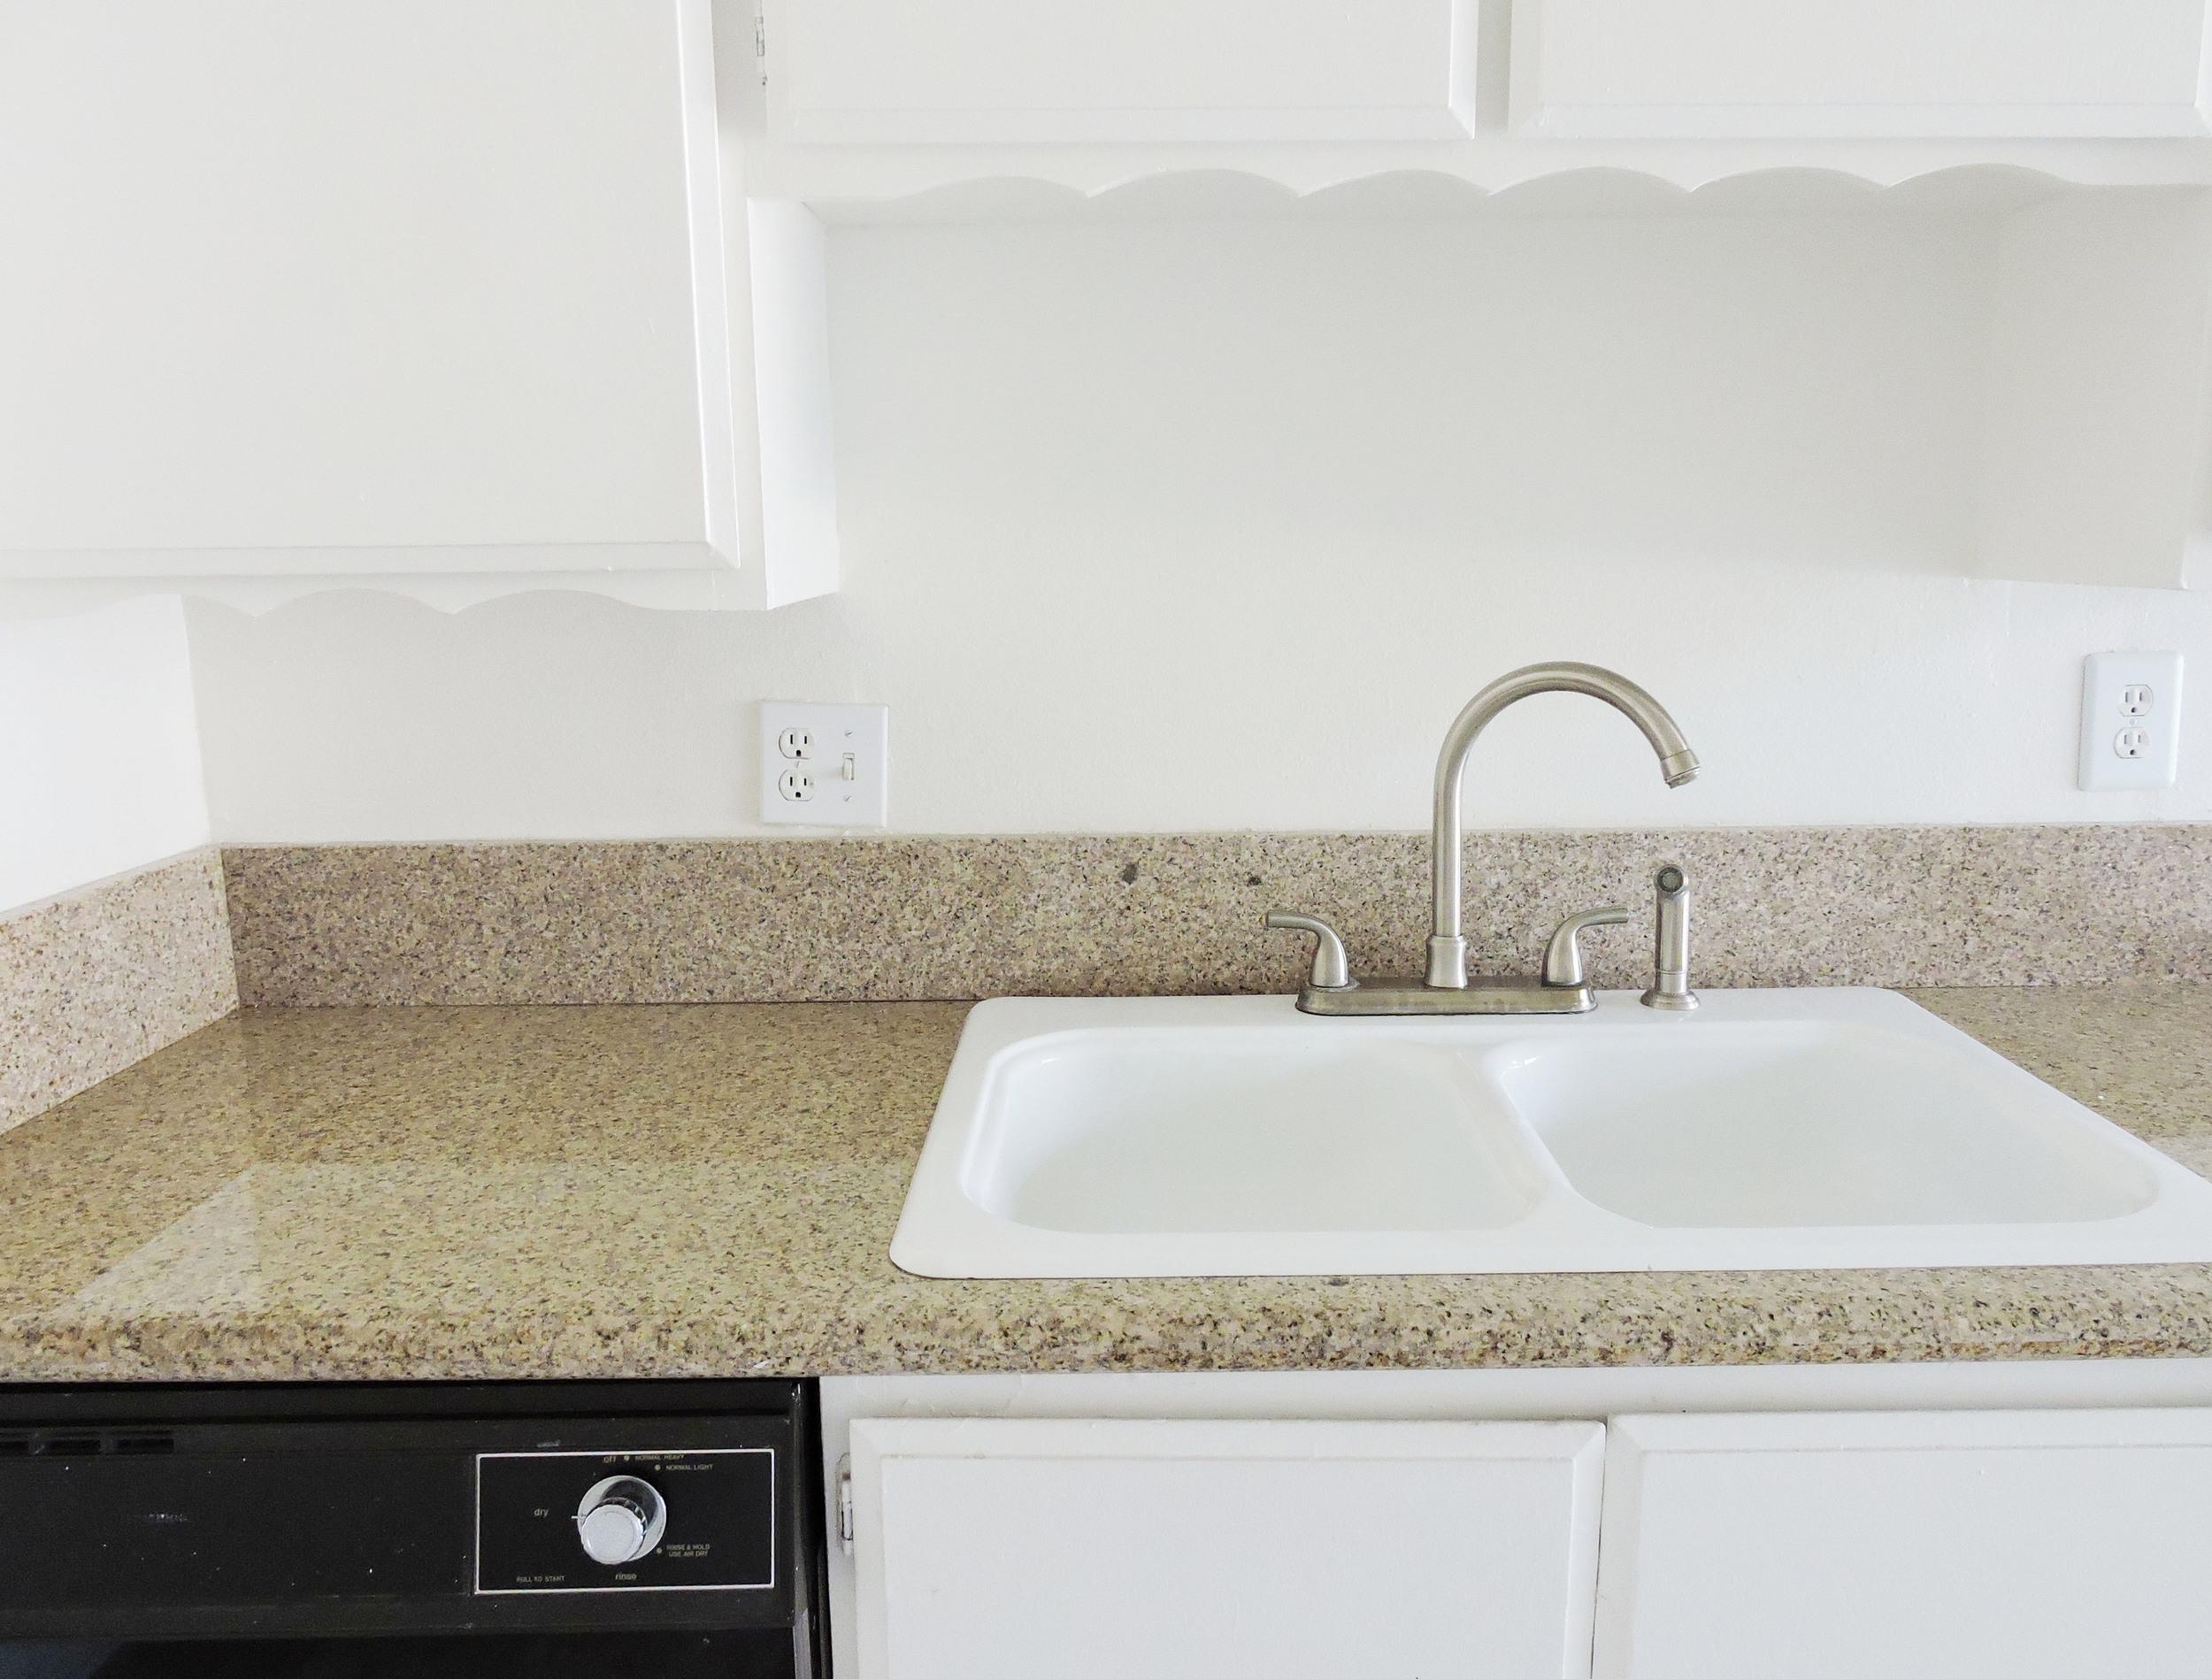 231 kitchen sink.jpg